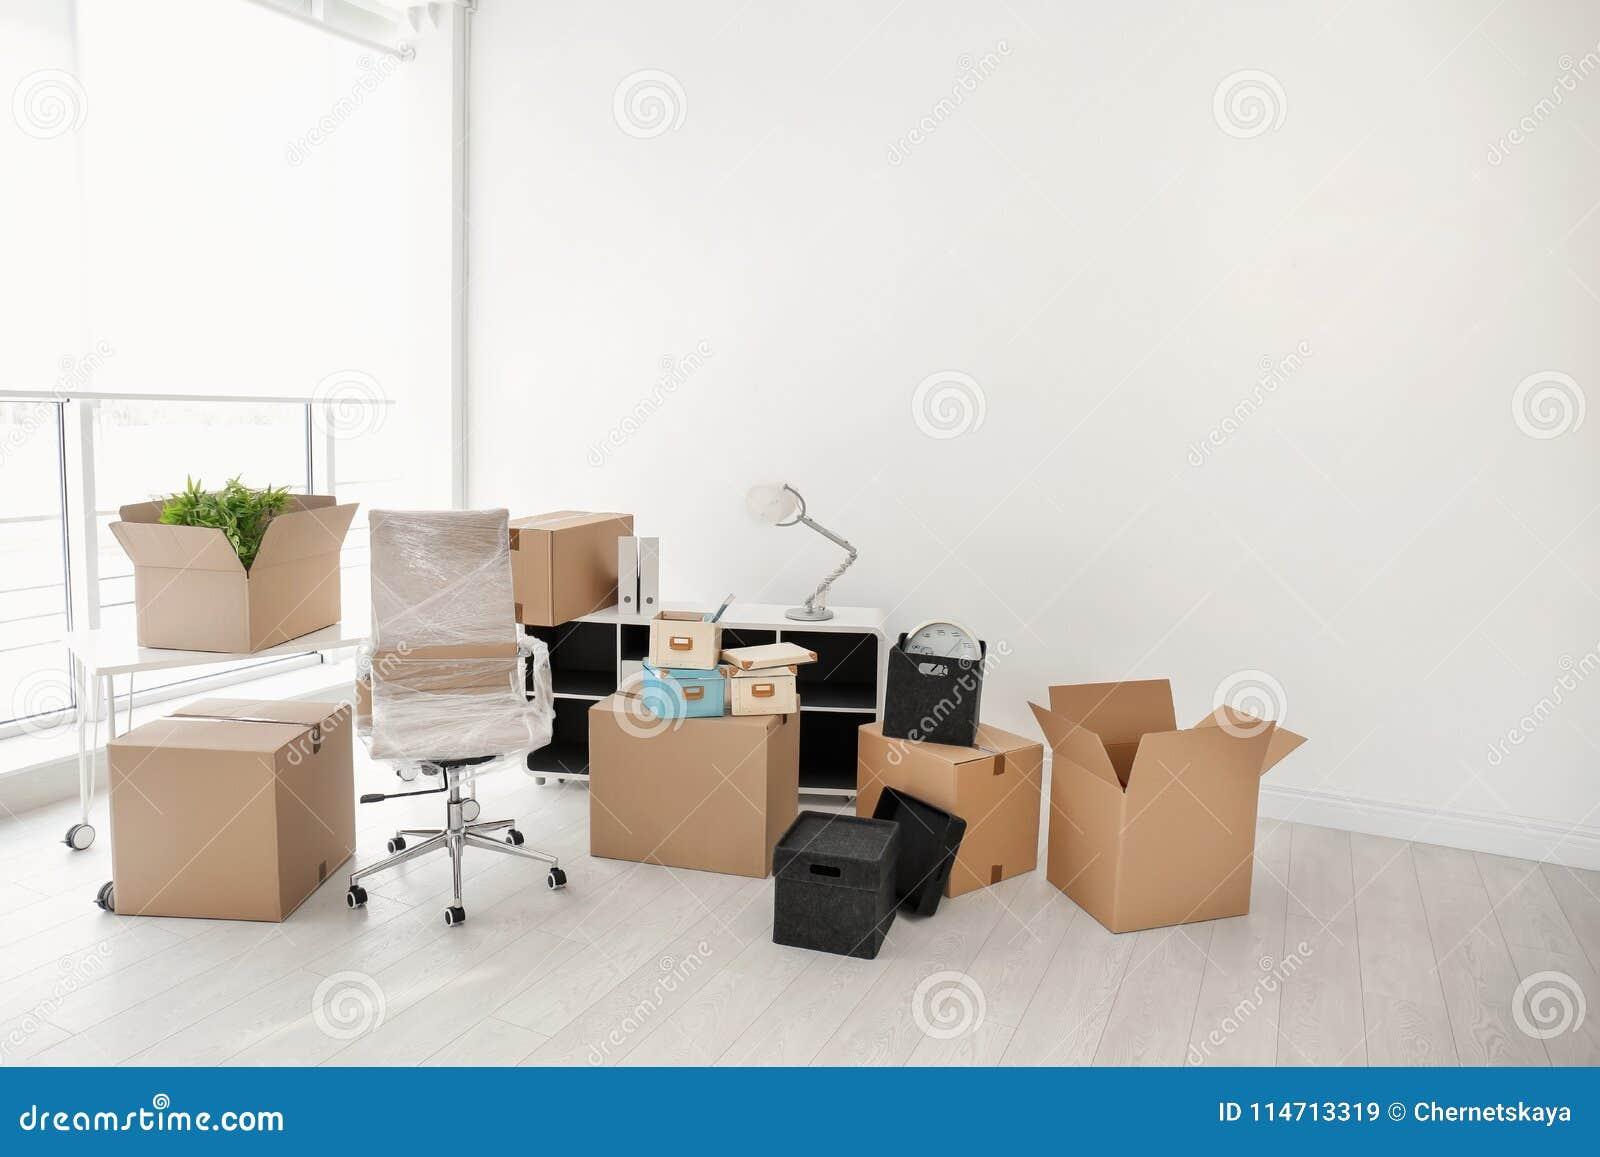 移动的箱子和家具在办公室